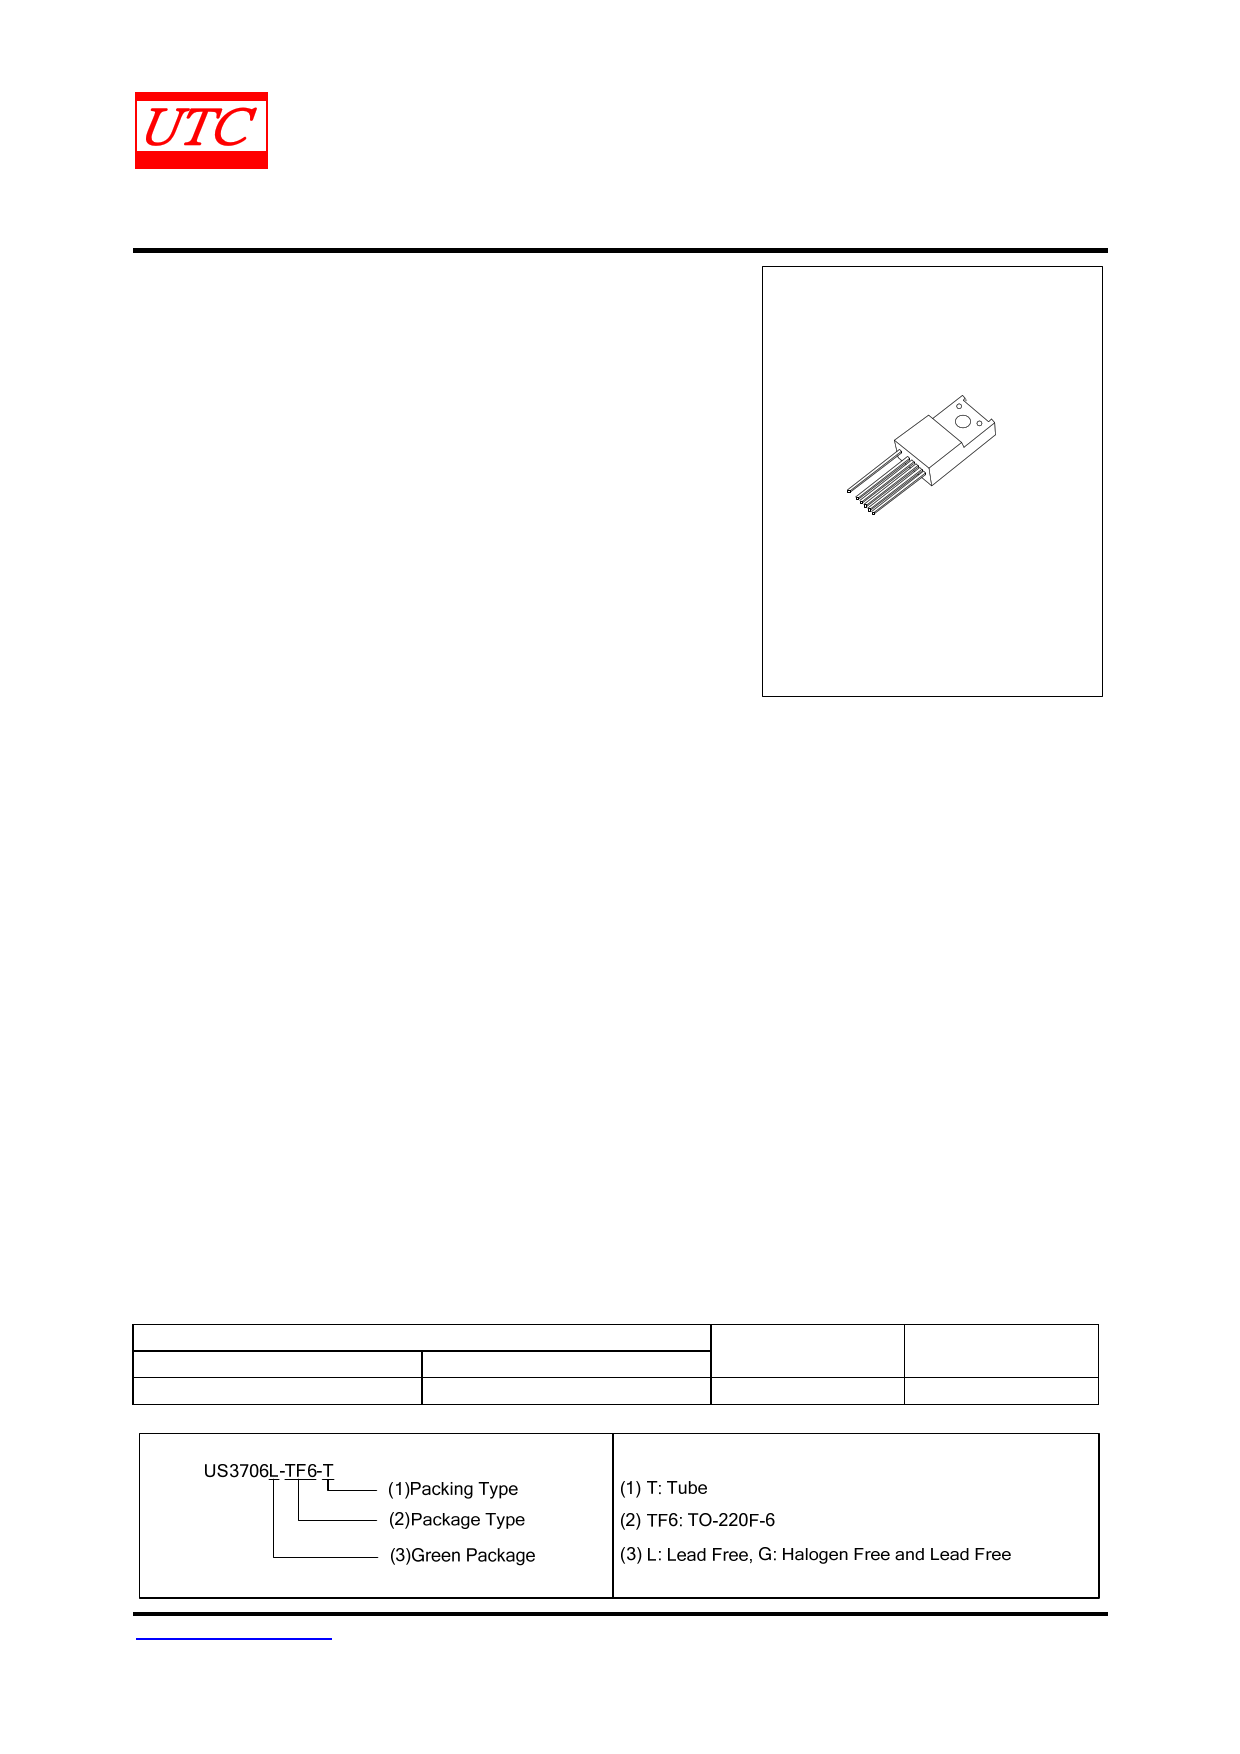 US3706 datasheet